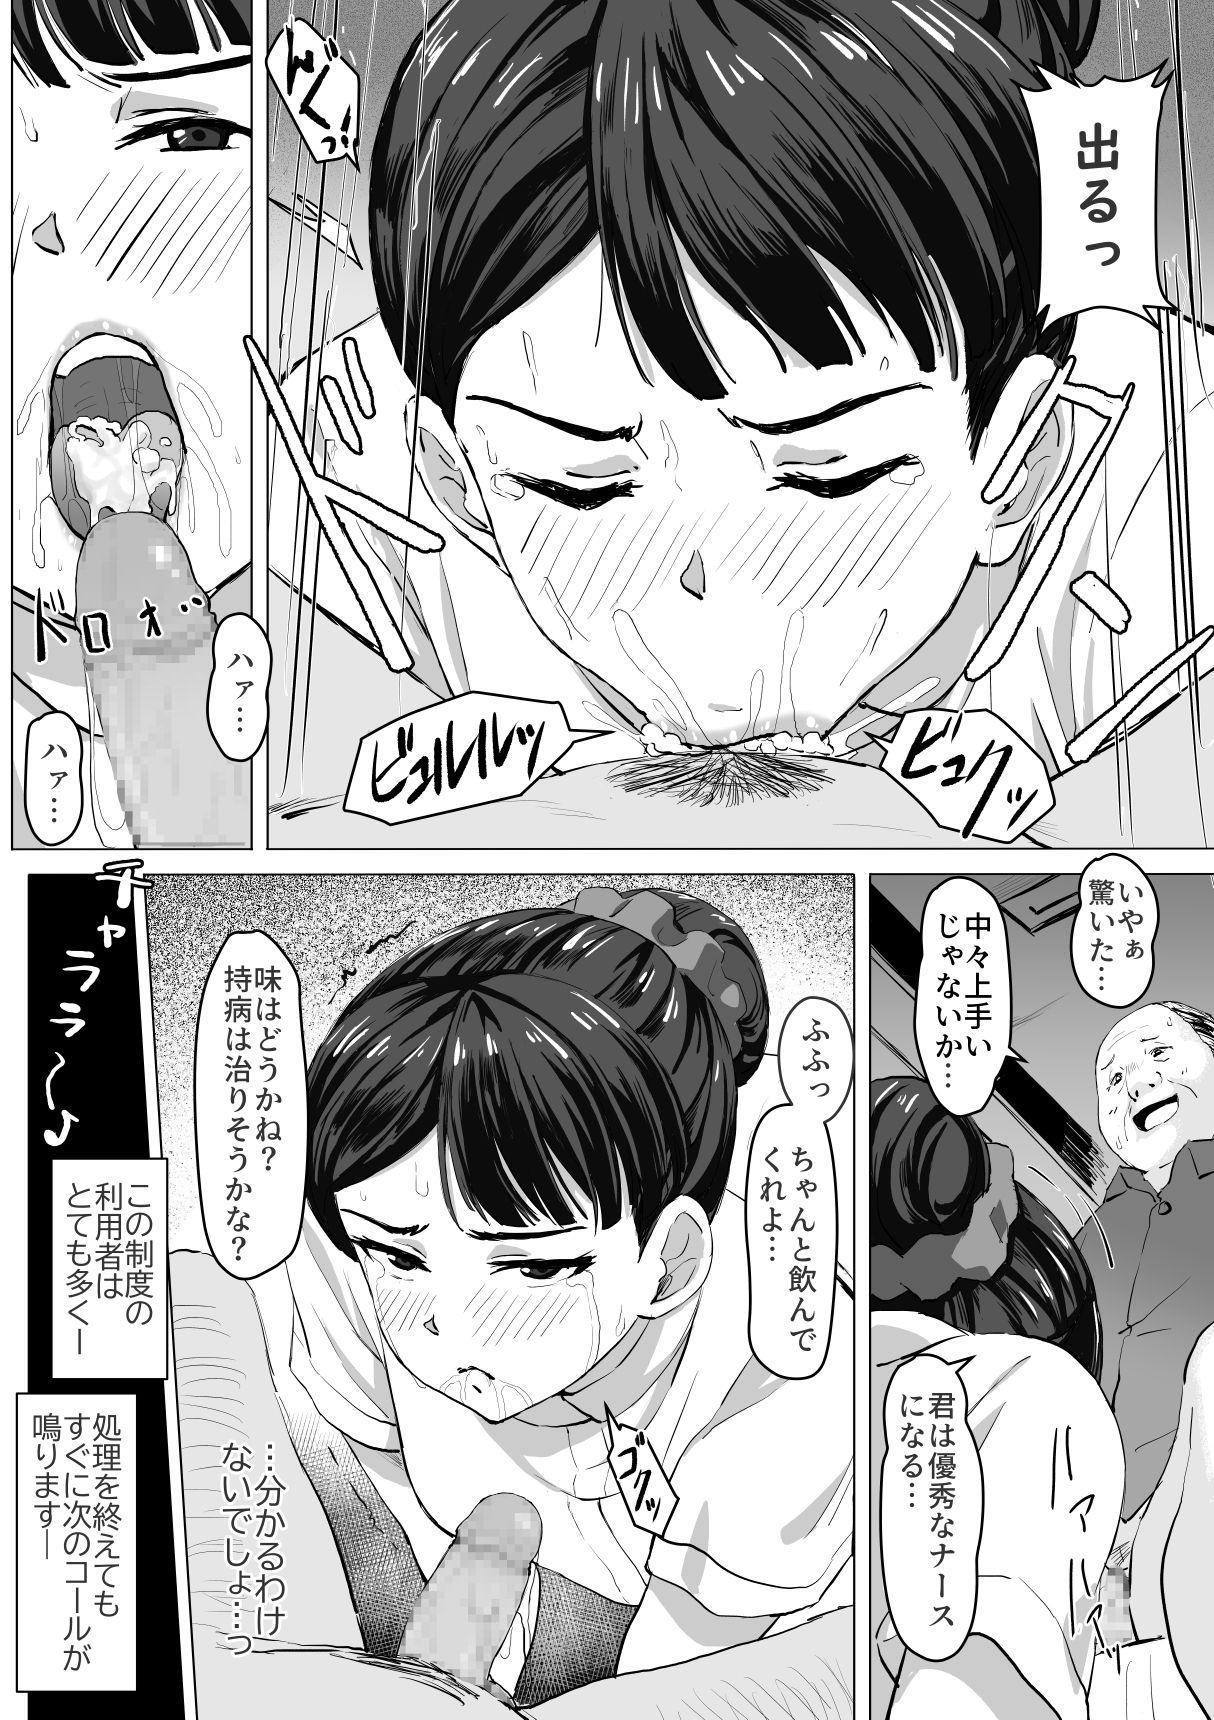 Kimajime Nurse no Seiyoku Shori Jisshuu 11